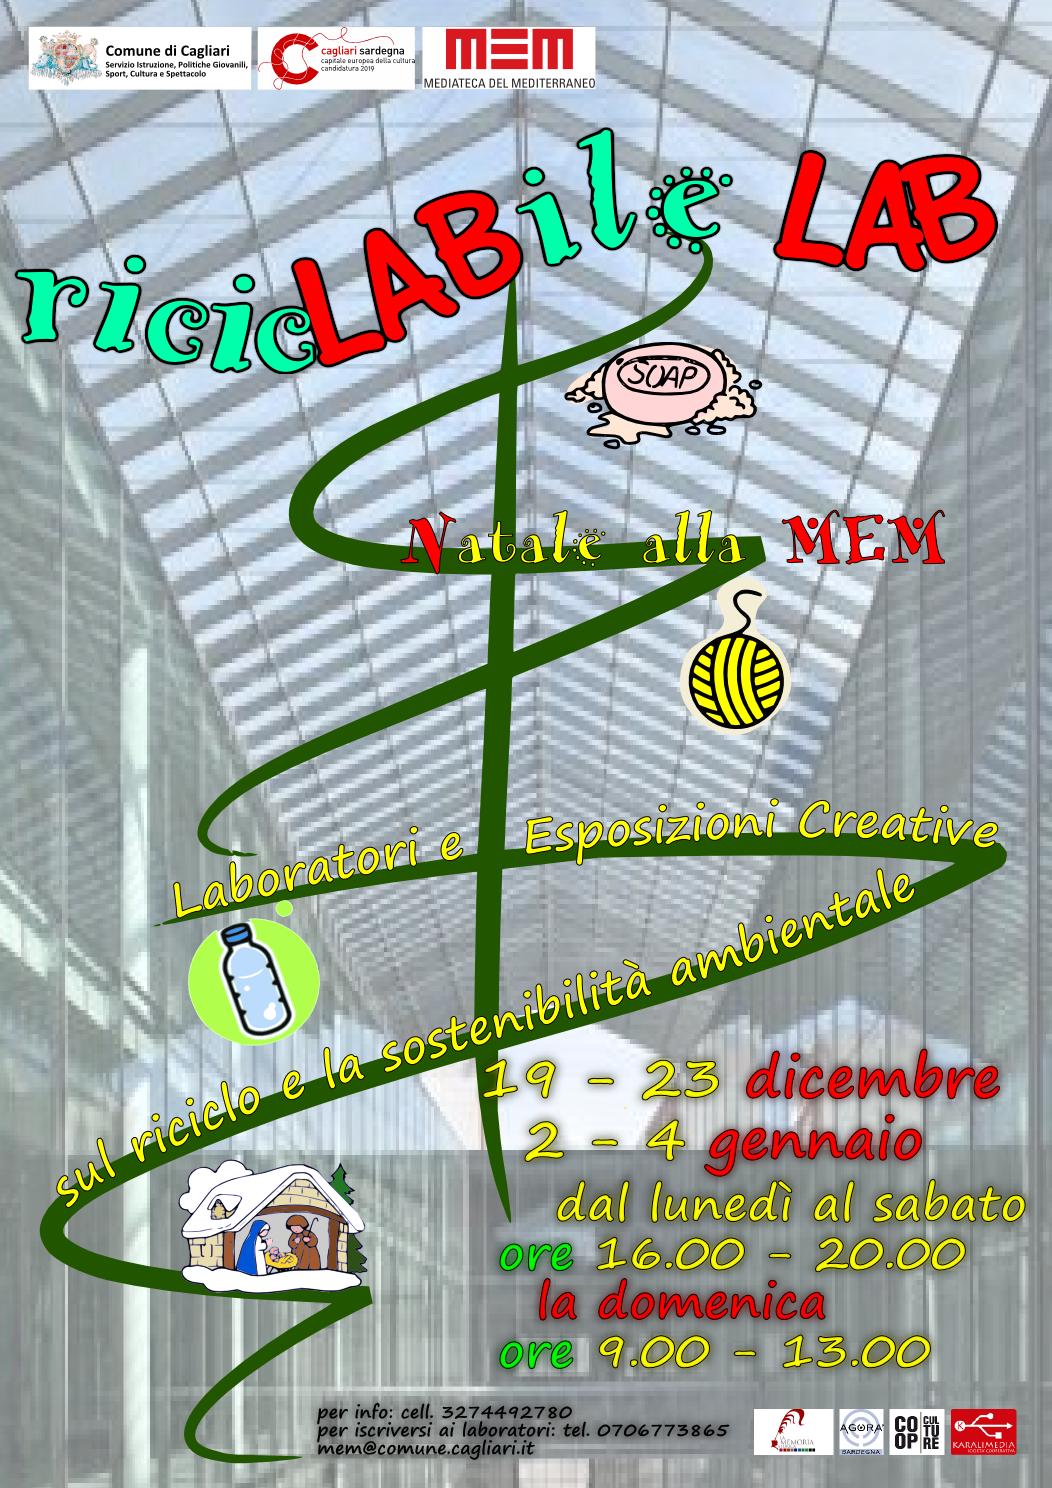 Riciclabile Lab Natale alla MEM di Cagliari dal 19 al 23 dicembre 2014 e dal 2 al 4 gennaio 2015.